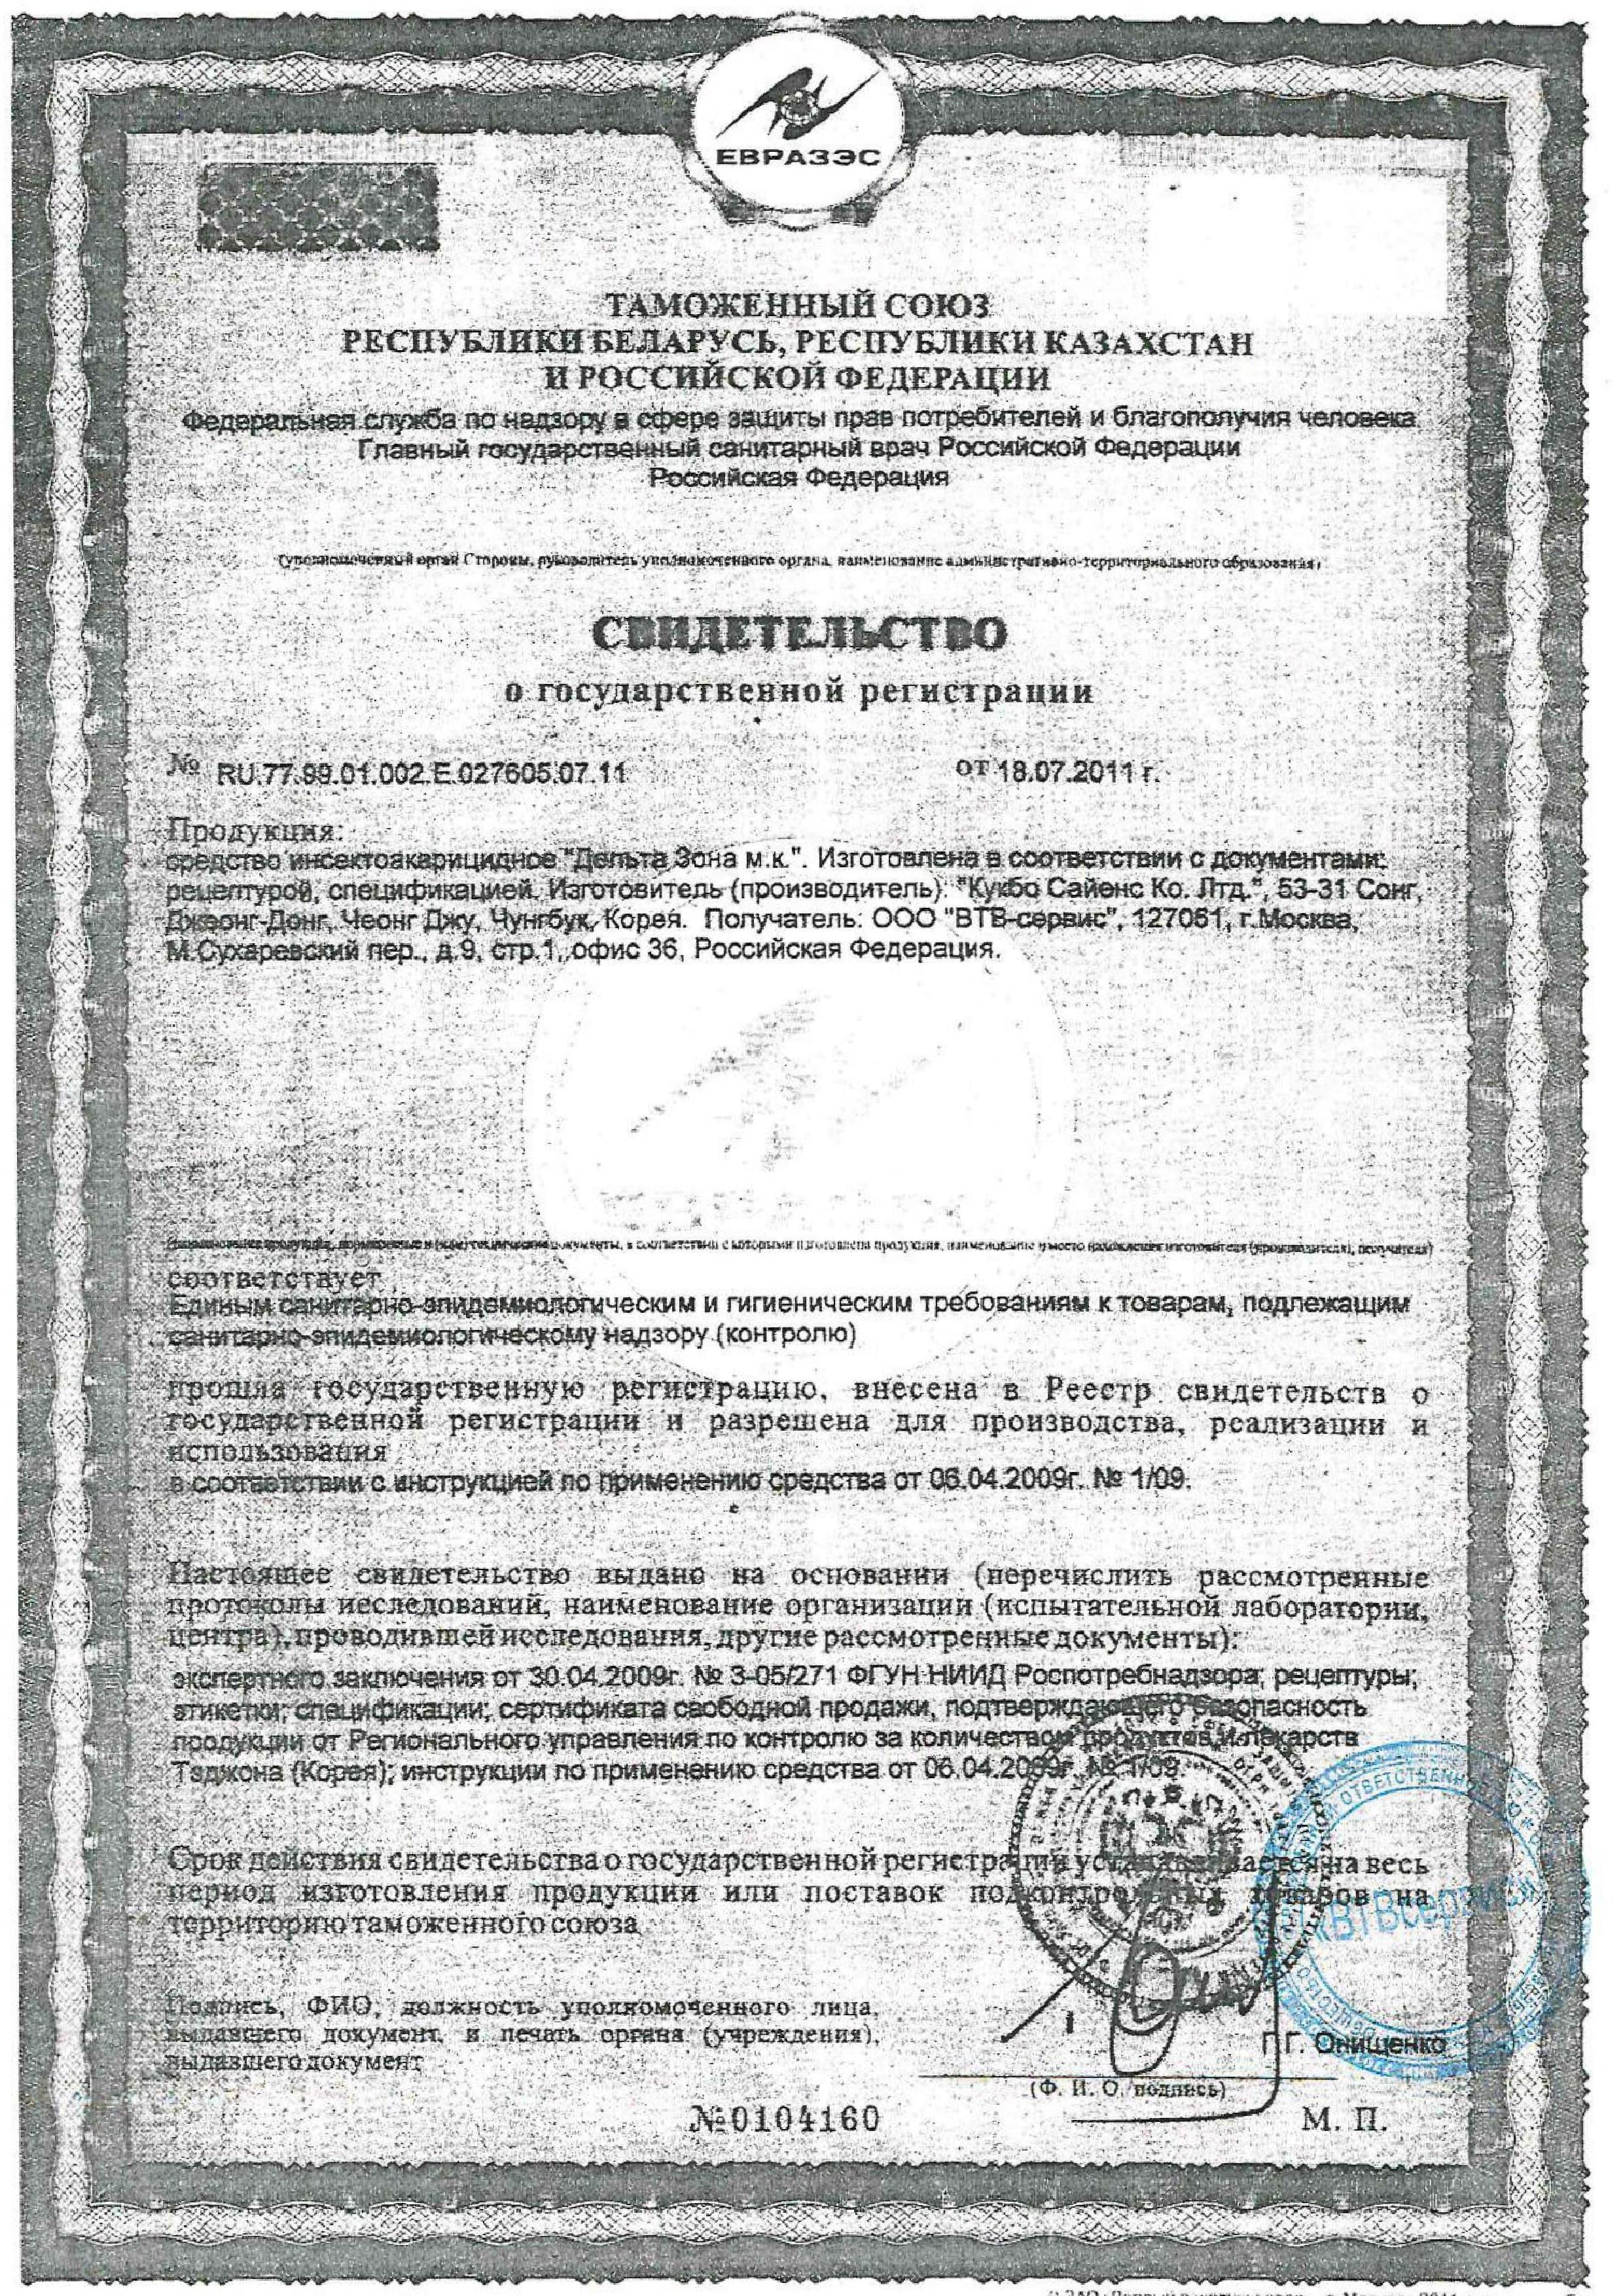 Дельта зона: никаких запахов и мгновенный эффект - gdeklop.ru